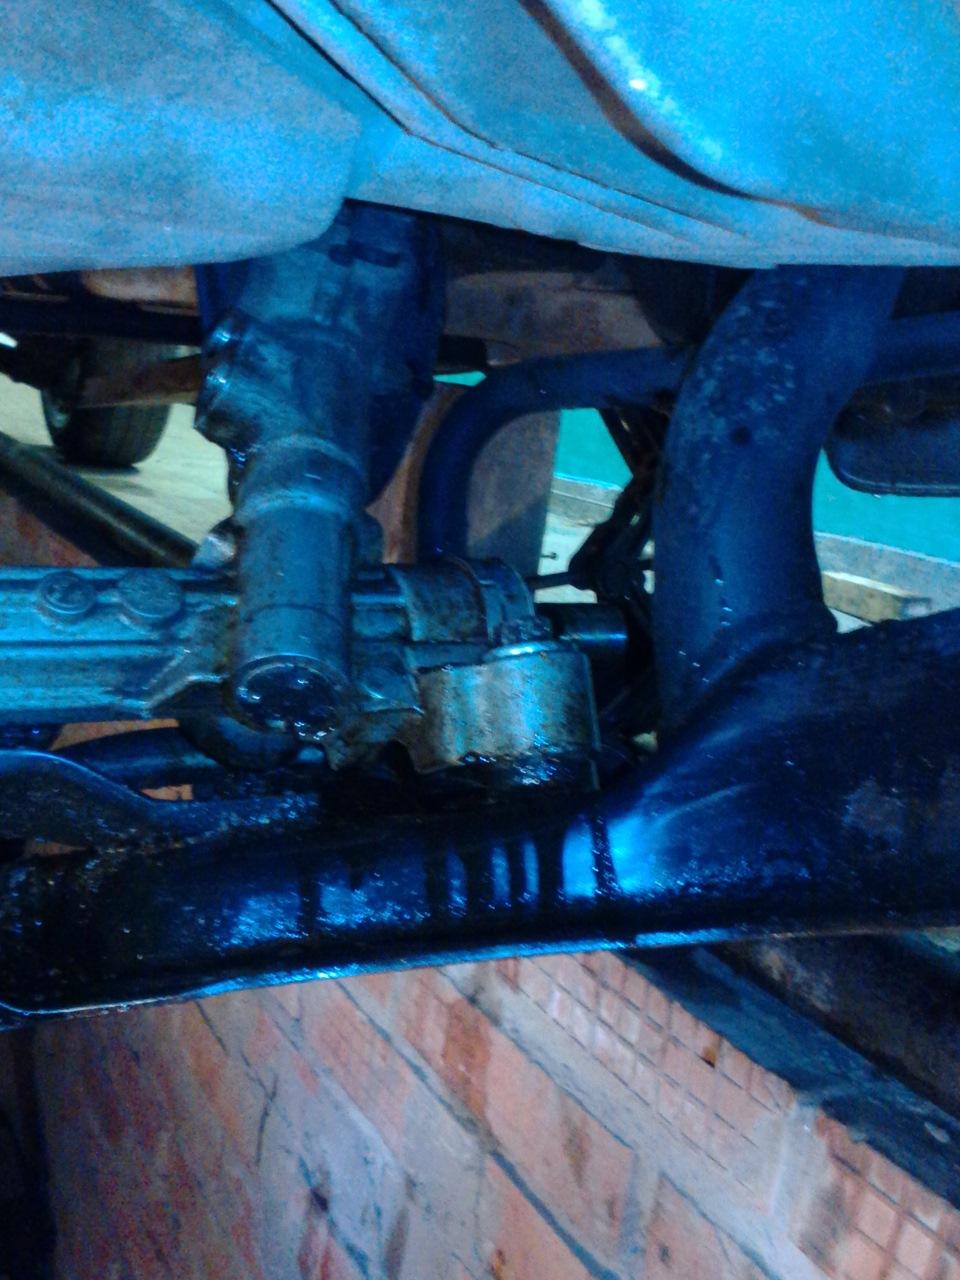 Замена подшипника передней ступицы Форд Фокус 2: фото и видео 29